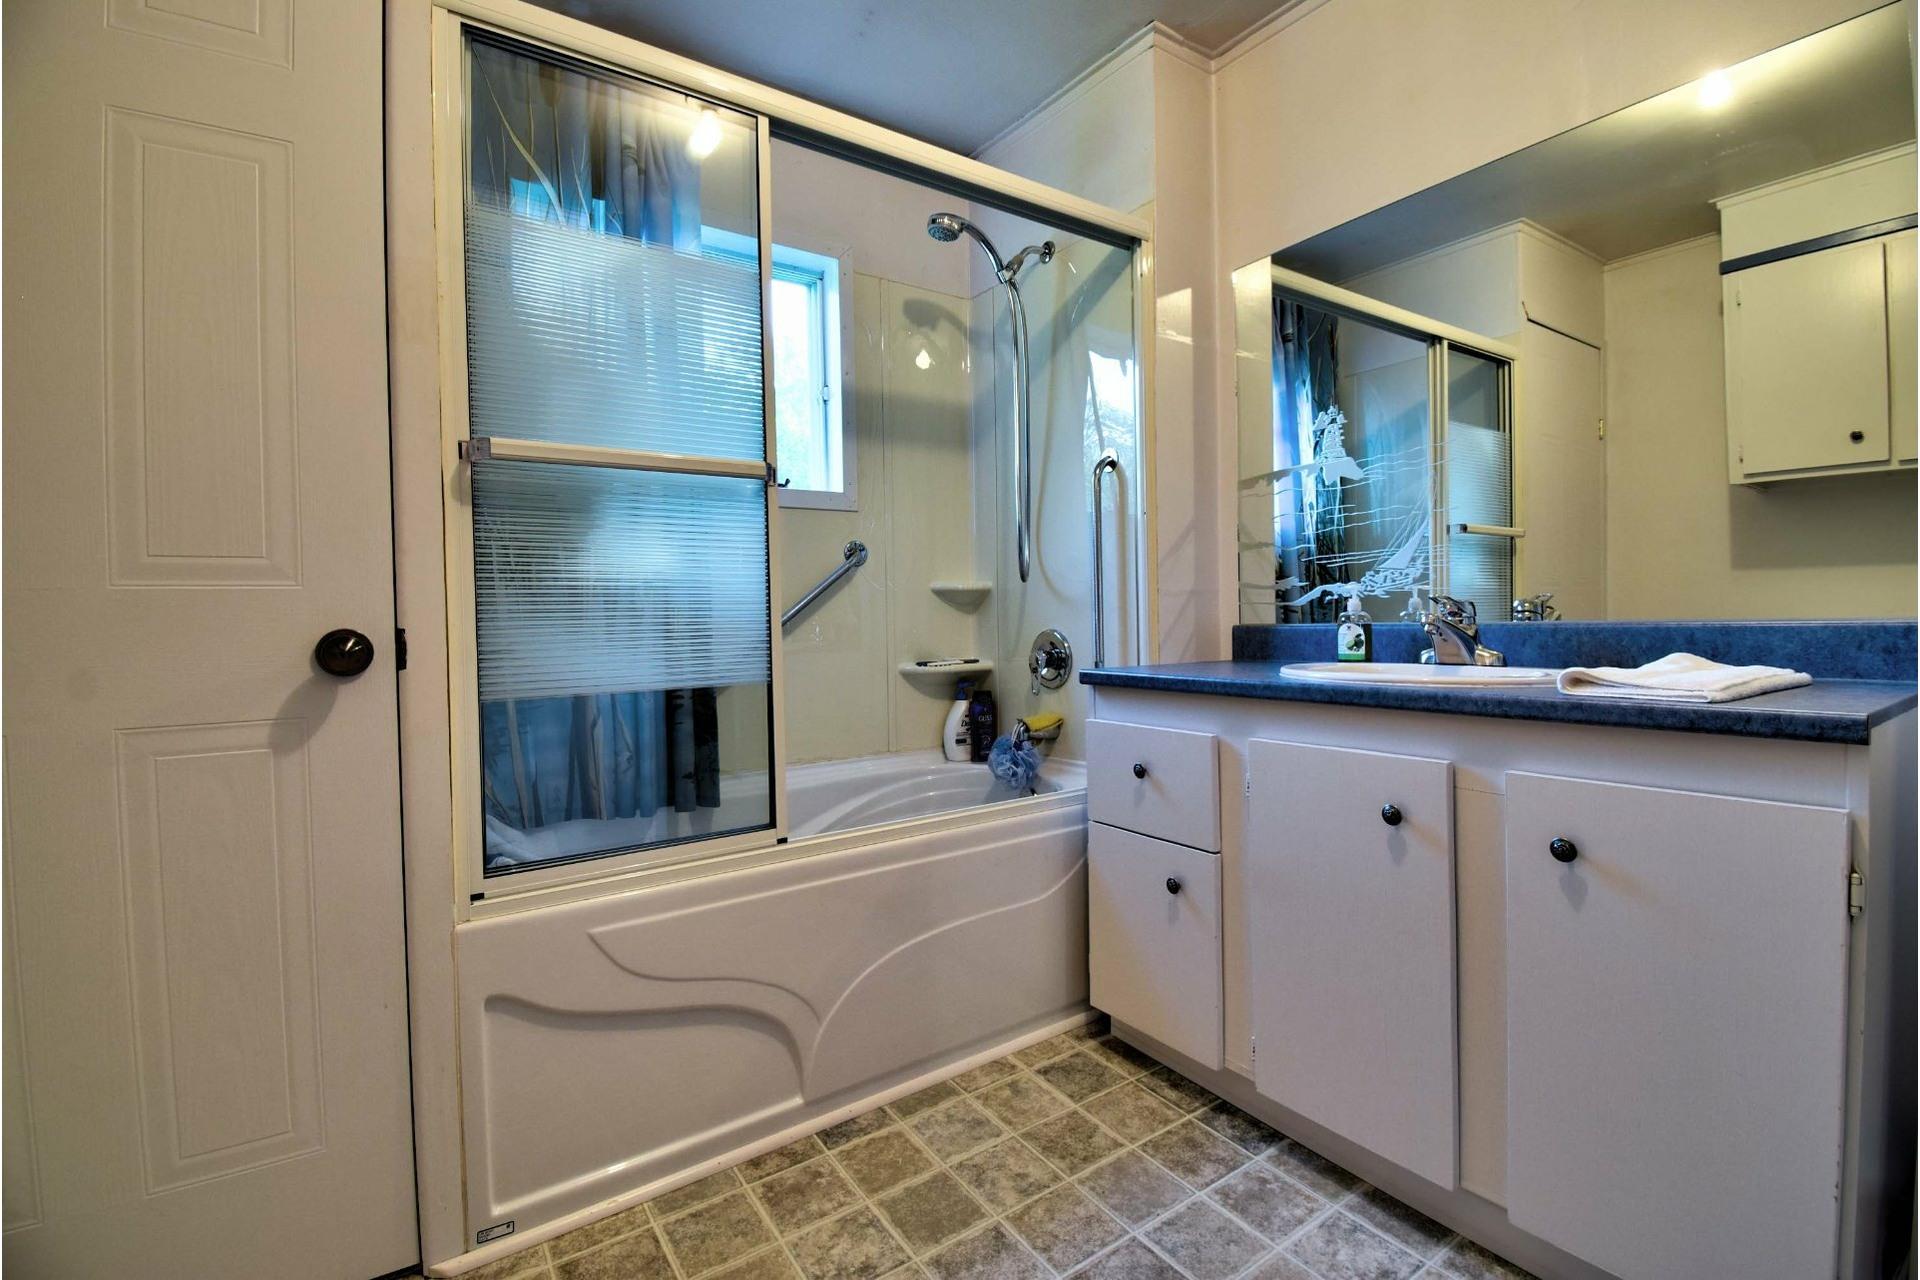 image 19 - House For sale Trois-Rivières - 6 rooms